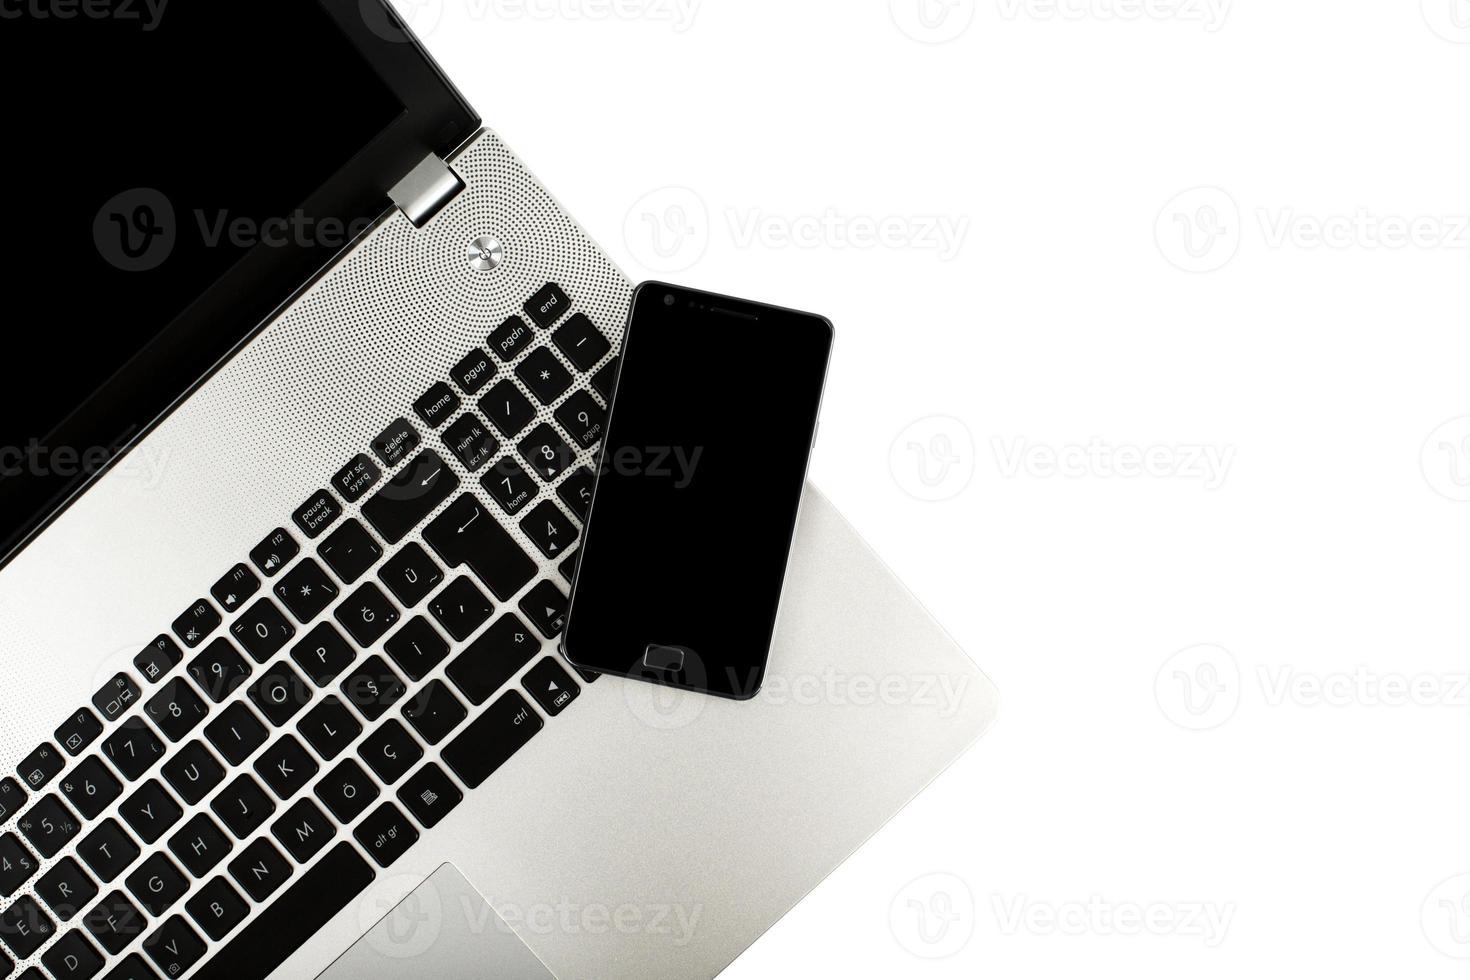 telefone inteligente no laptop foto